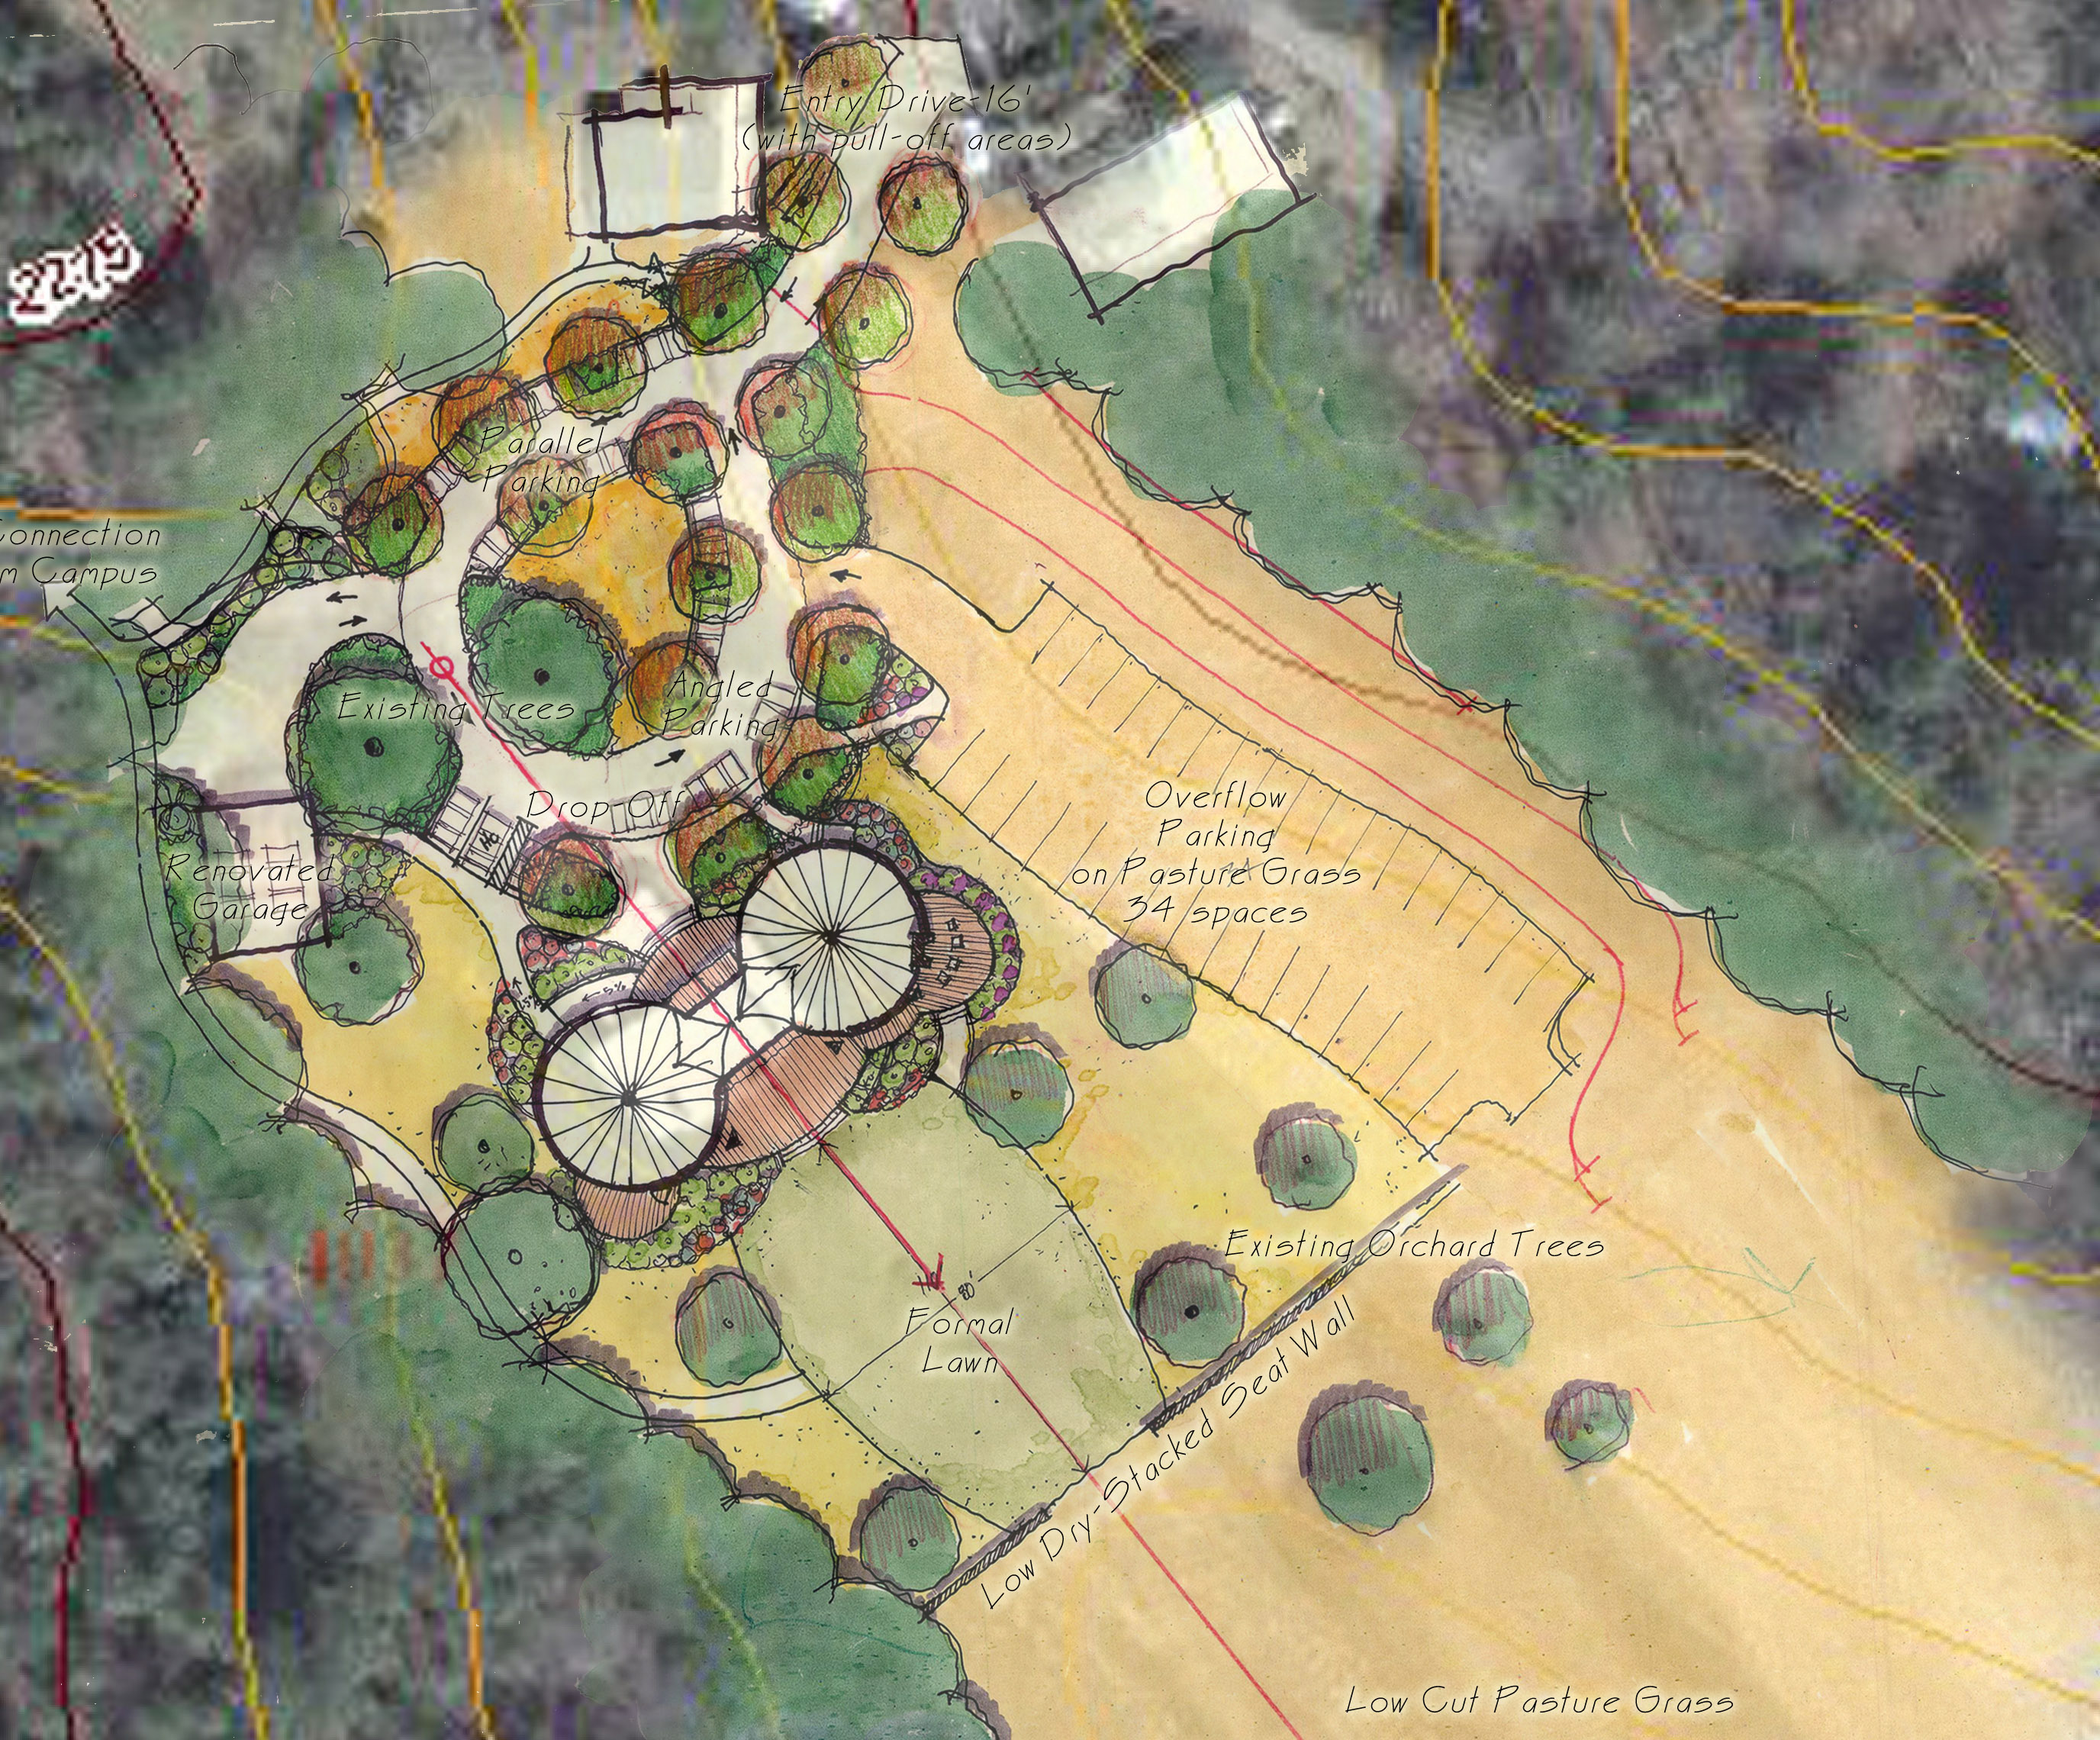 Warren Wilson Concept Plan